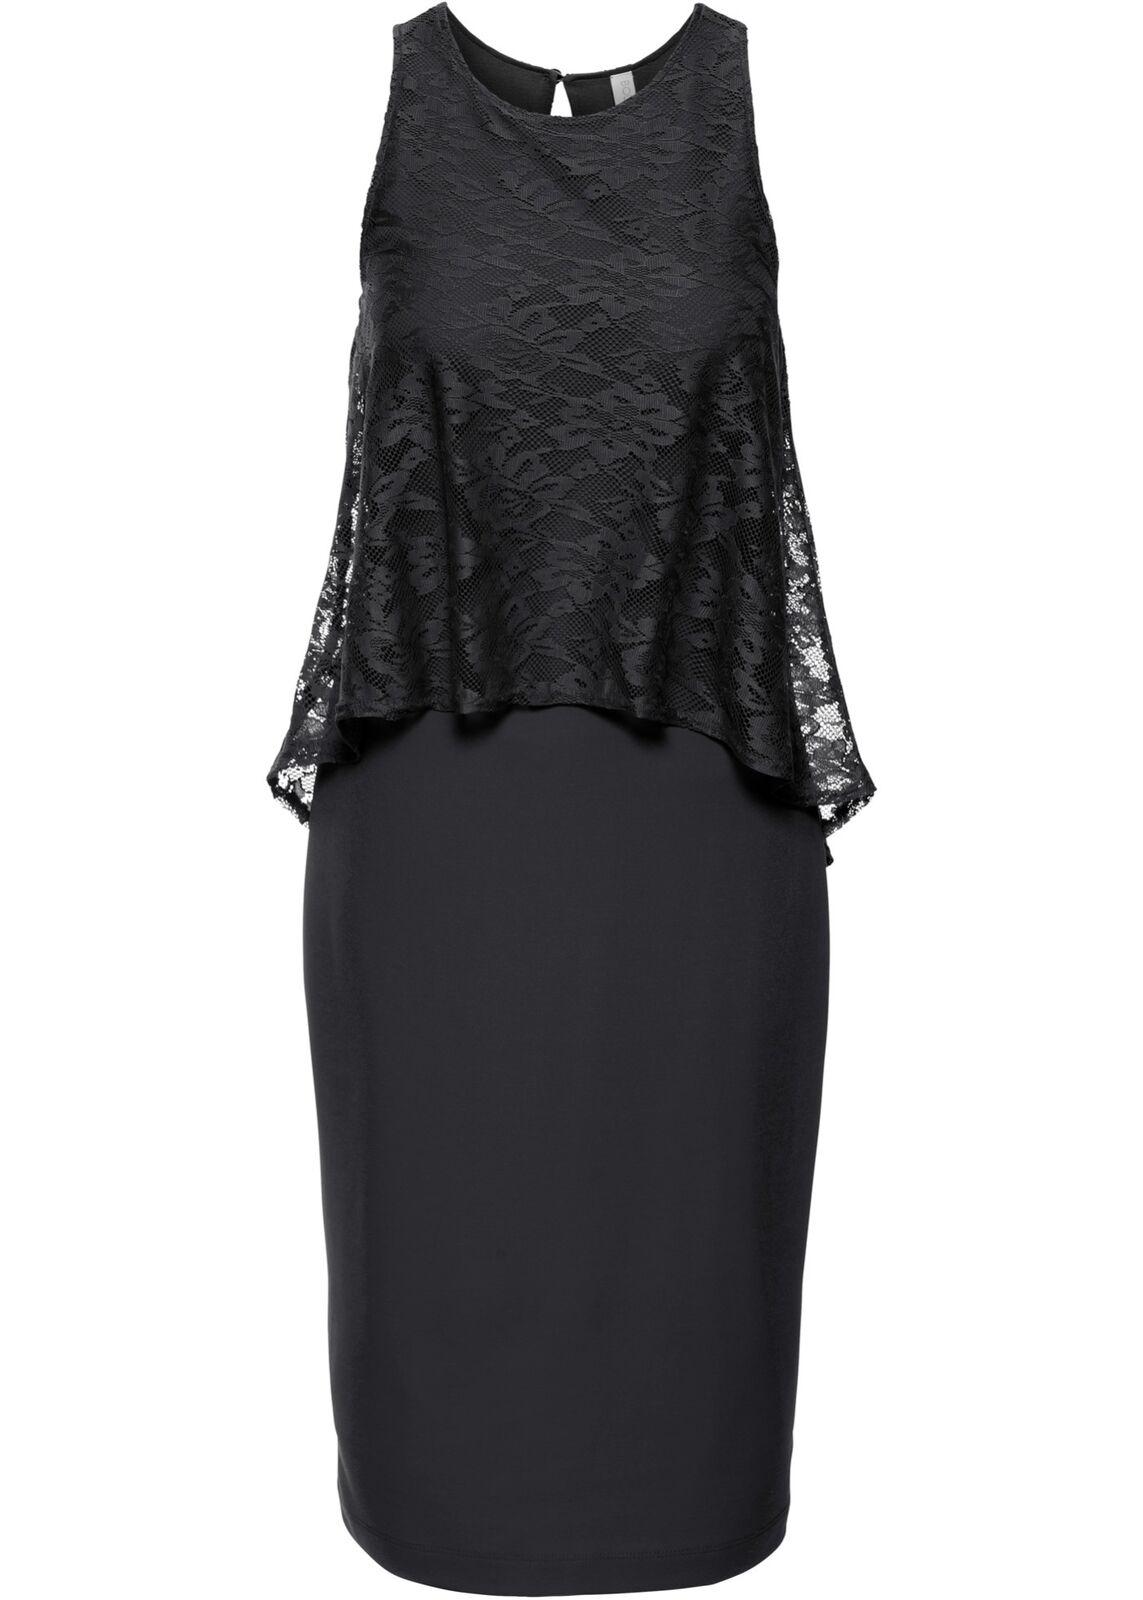 Kleid mit Spitze Gr. 38 Damen Partykleid Midi-Dress Abendkleid Cocktailkleid Neu